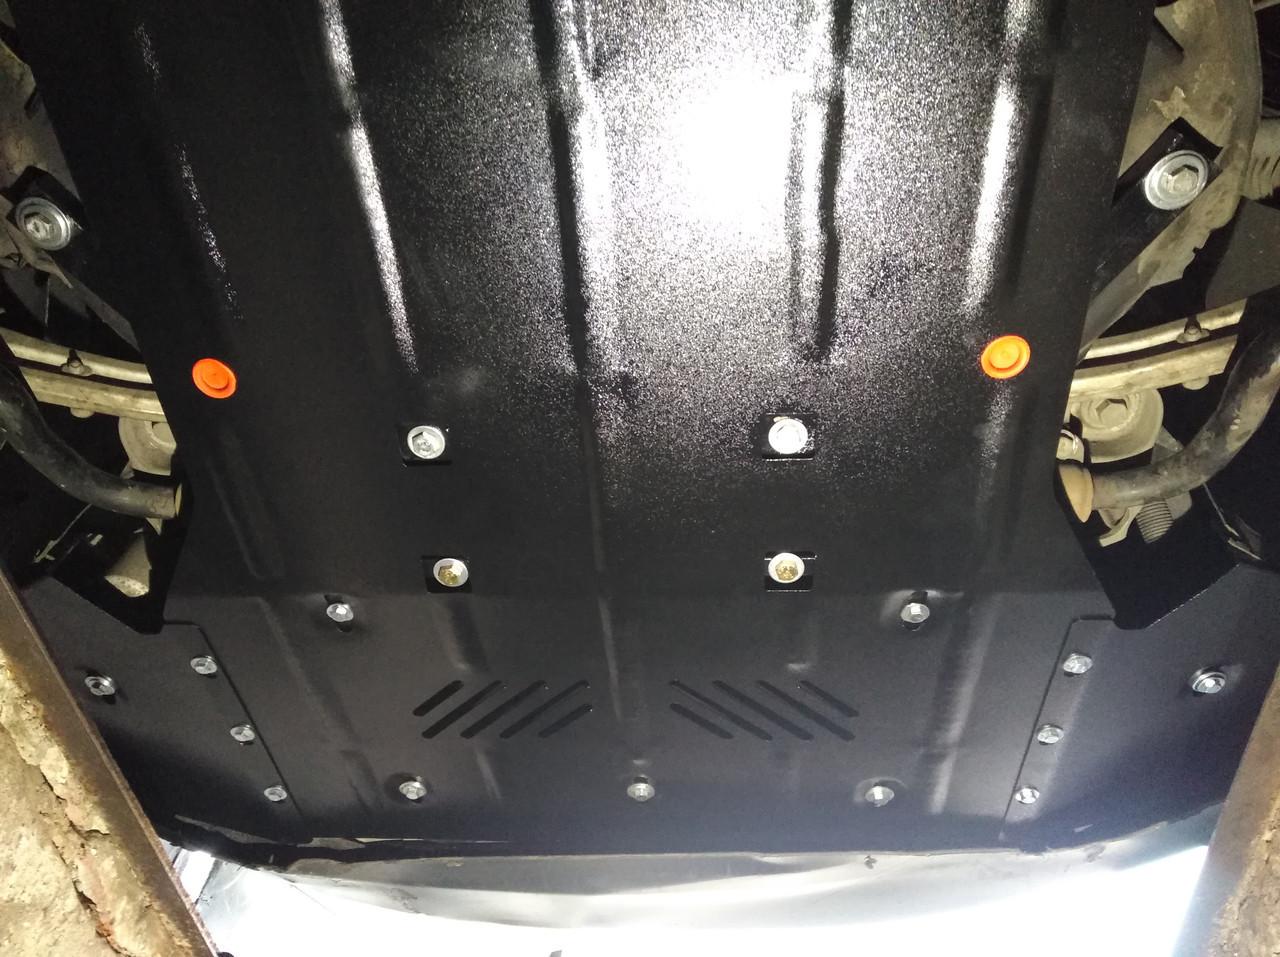 Захист картера двигуна) і Коробки передач на Audi A5 B8 (2007-2016)